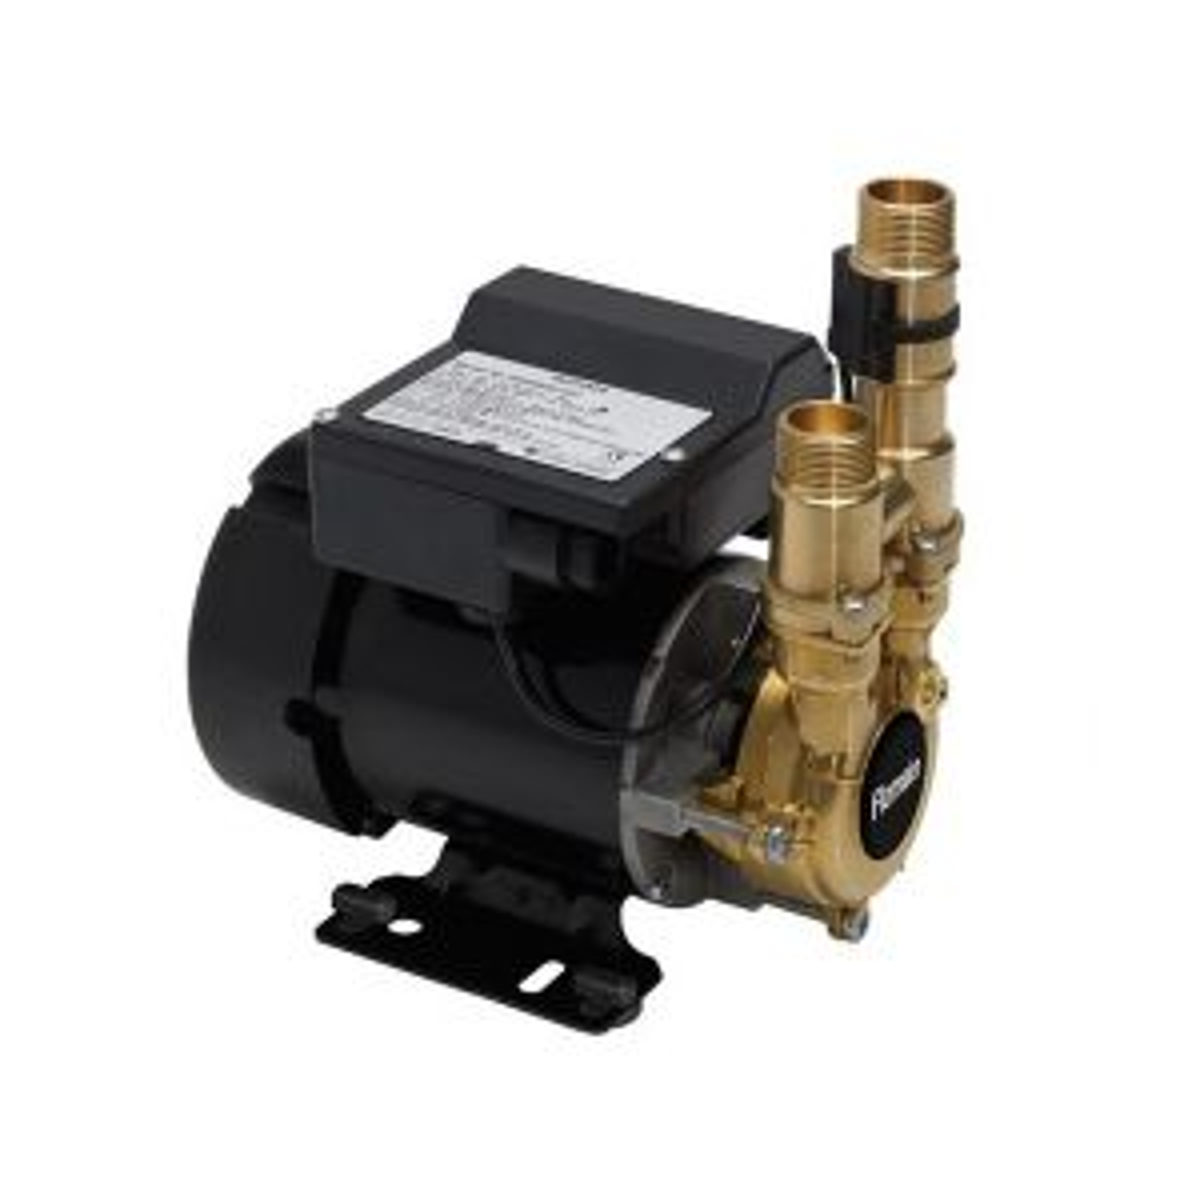 Stuart Turner 46574 Mainsboost Flomate MBF 12 Pump